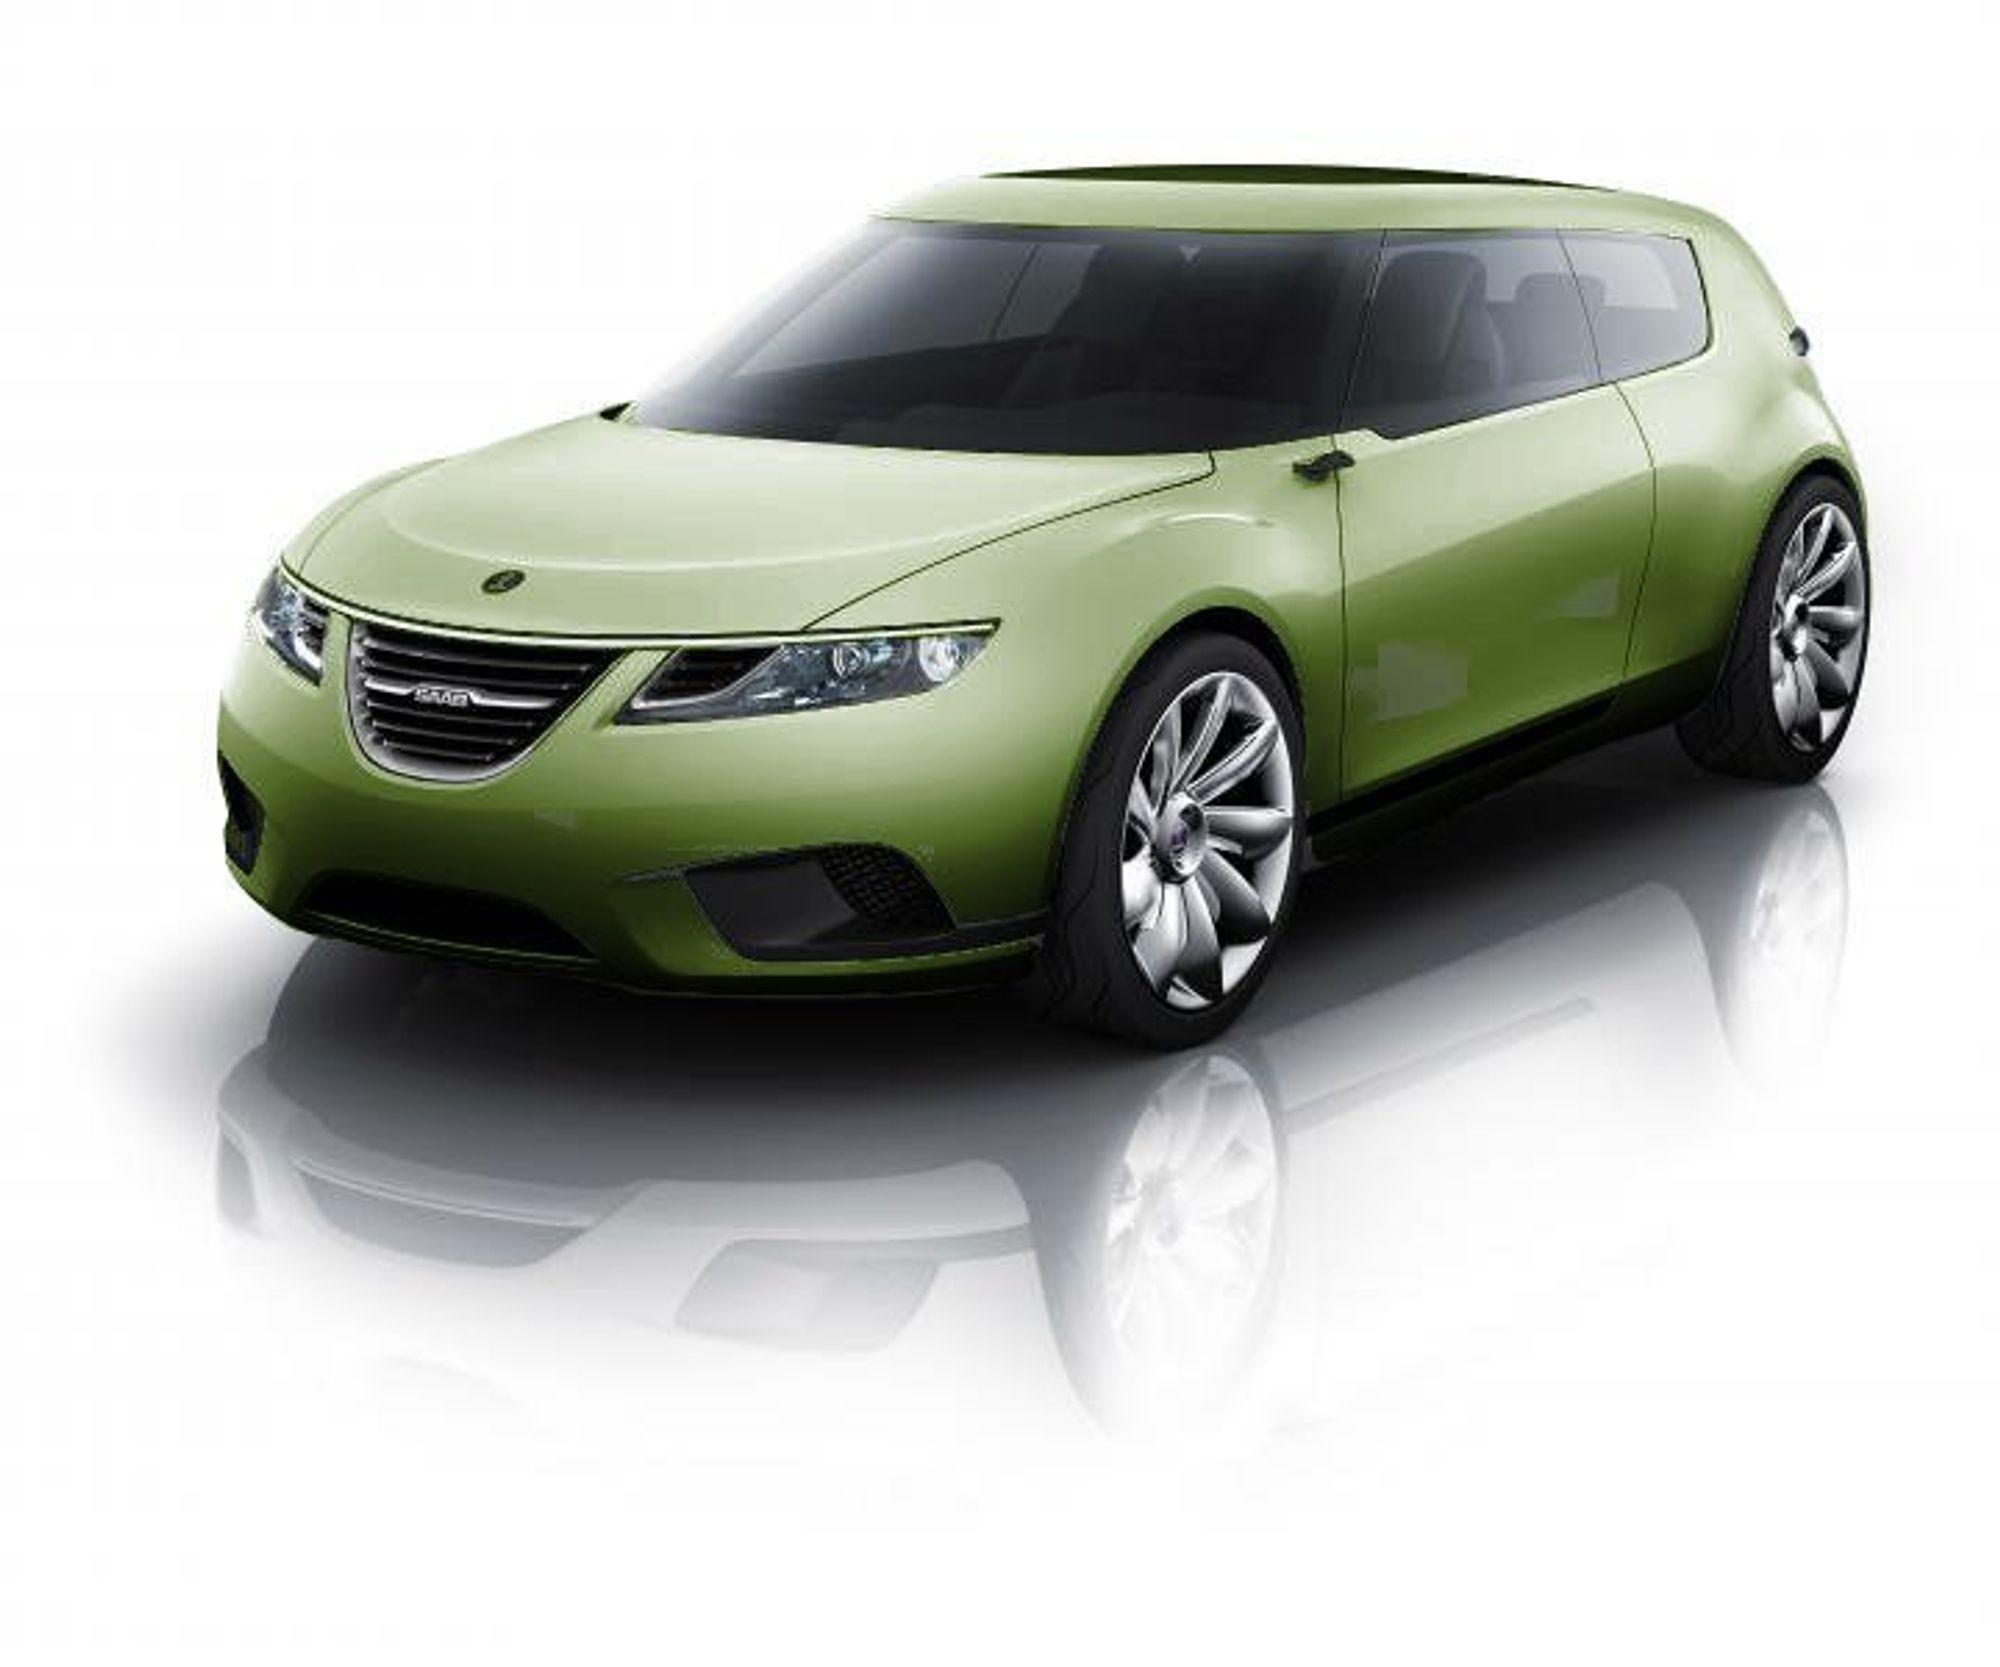 USIKKERT: SAAB planlegger produskjon av denne modellen allerede i januar, men om det blir en realitet er et spørsmål. I midten av januar avgjør GM SAABs sjebne.